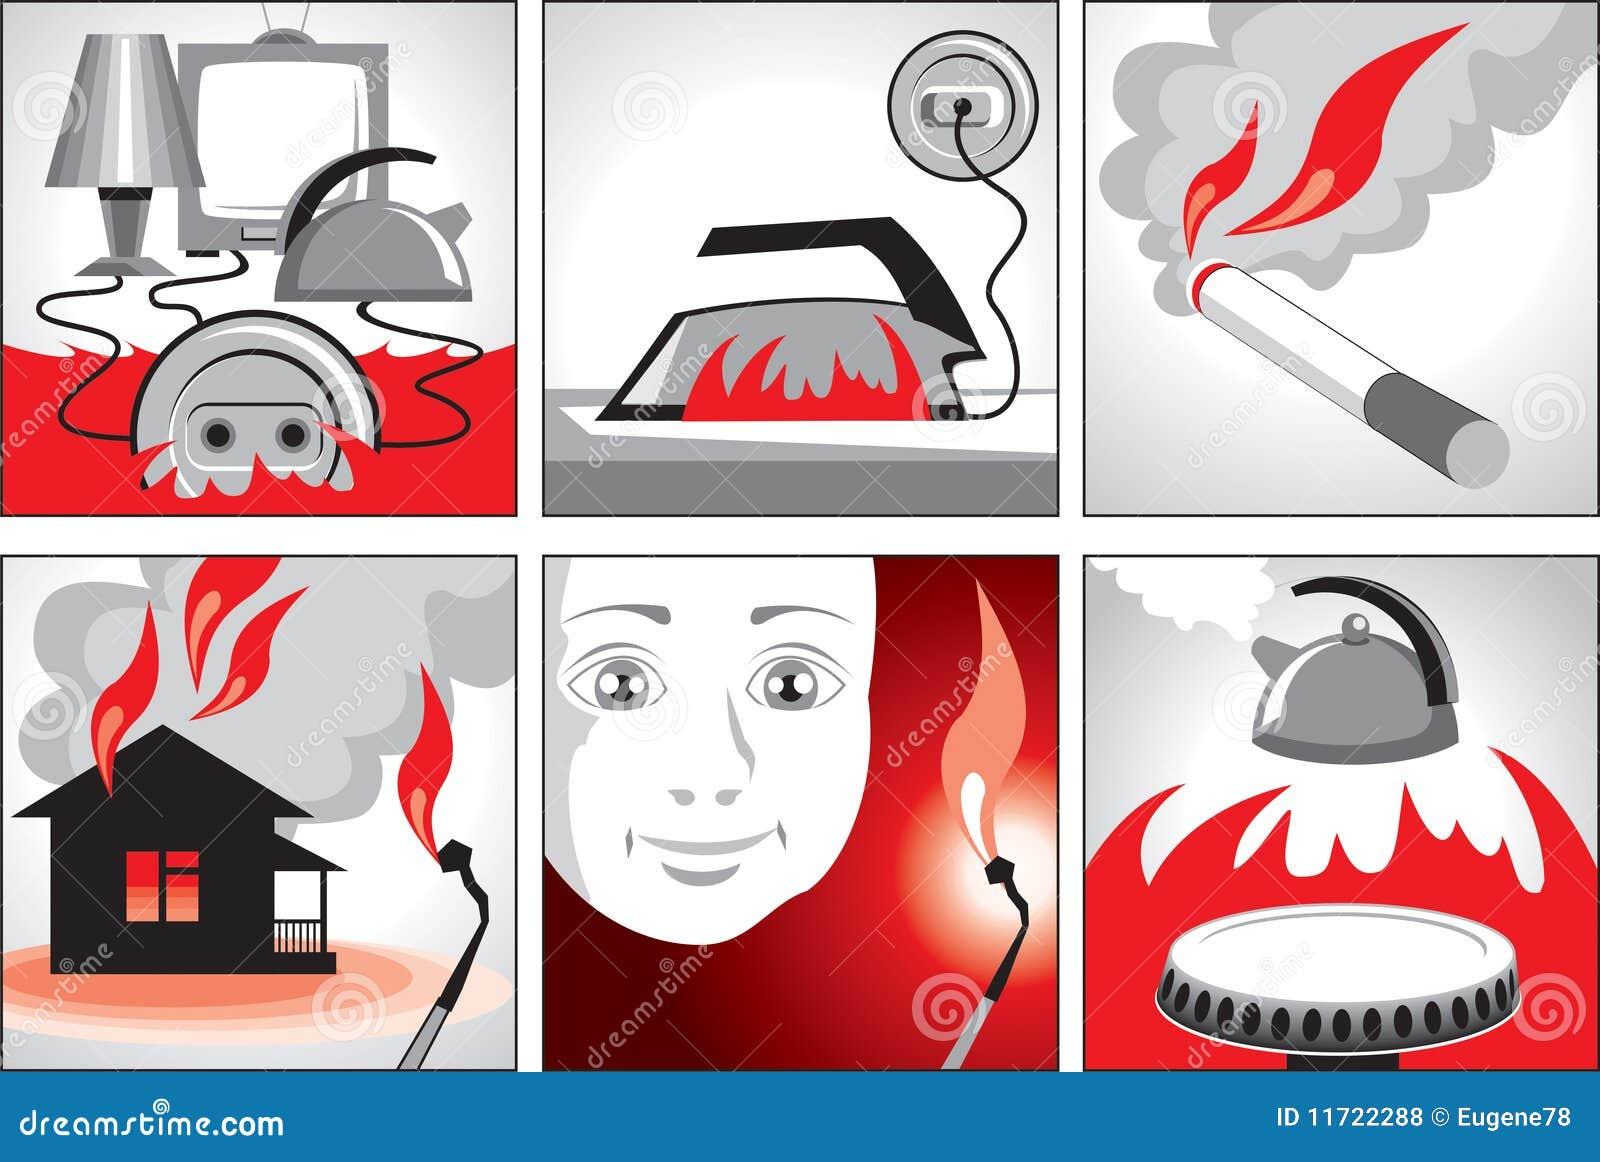 Illustration sur la sécurité incendie